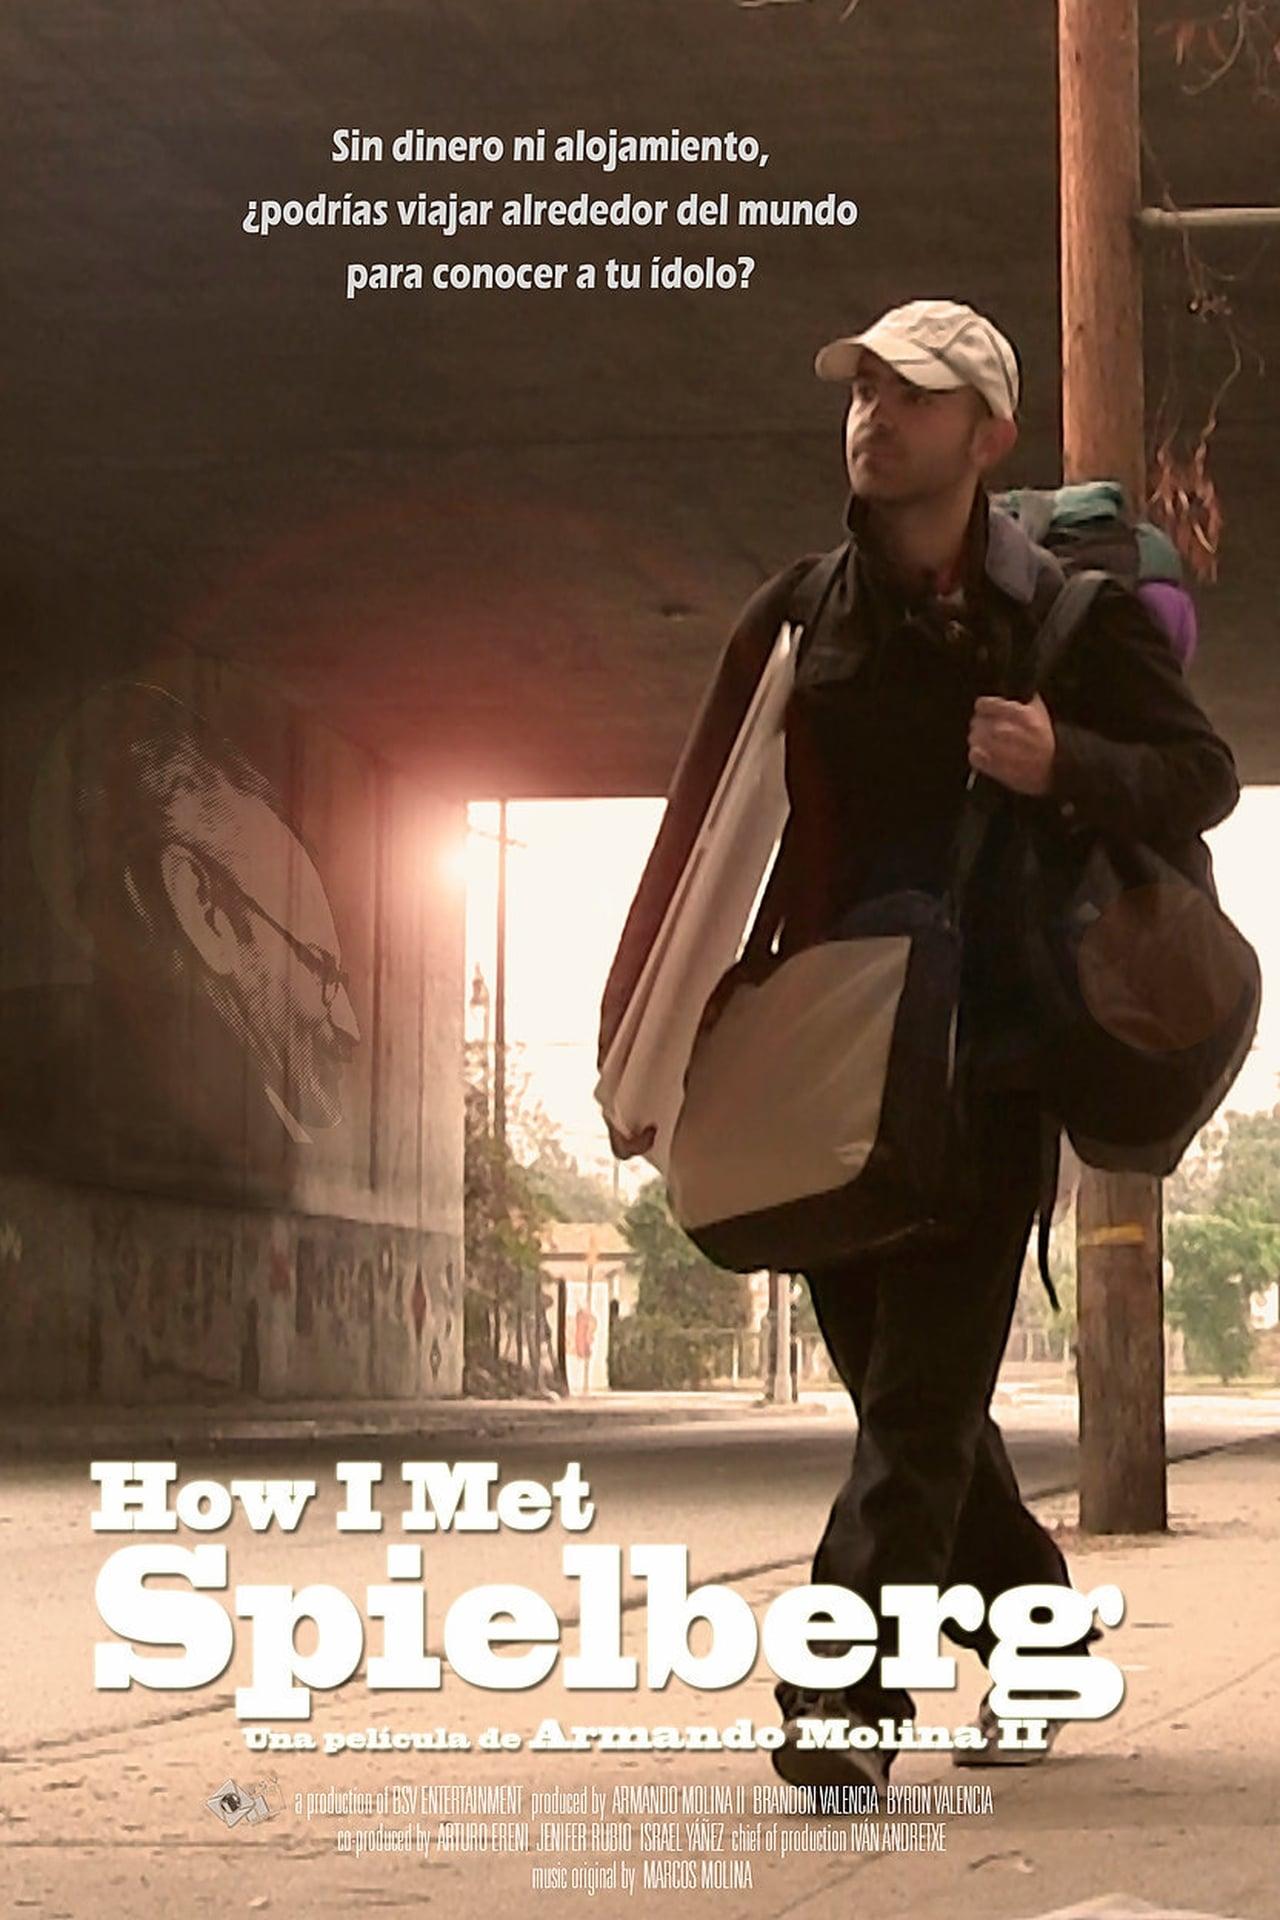 How I Met Spielberg